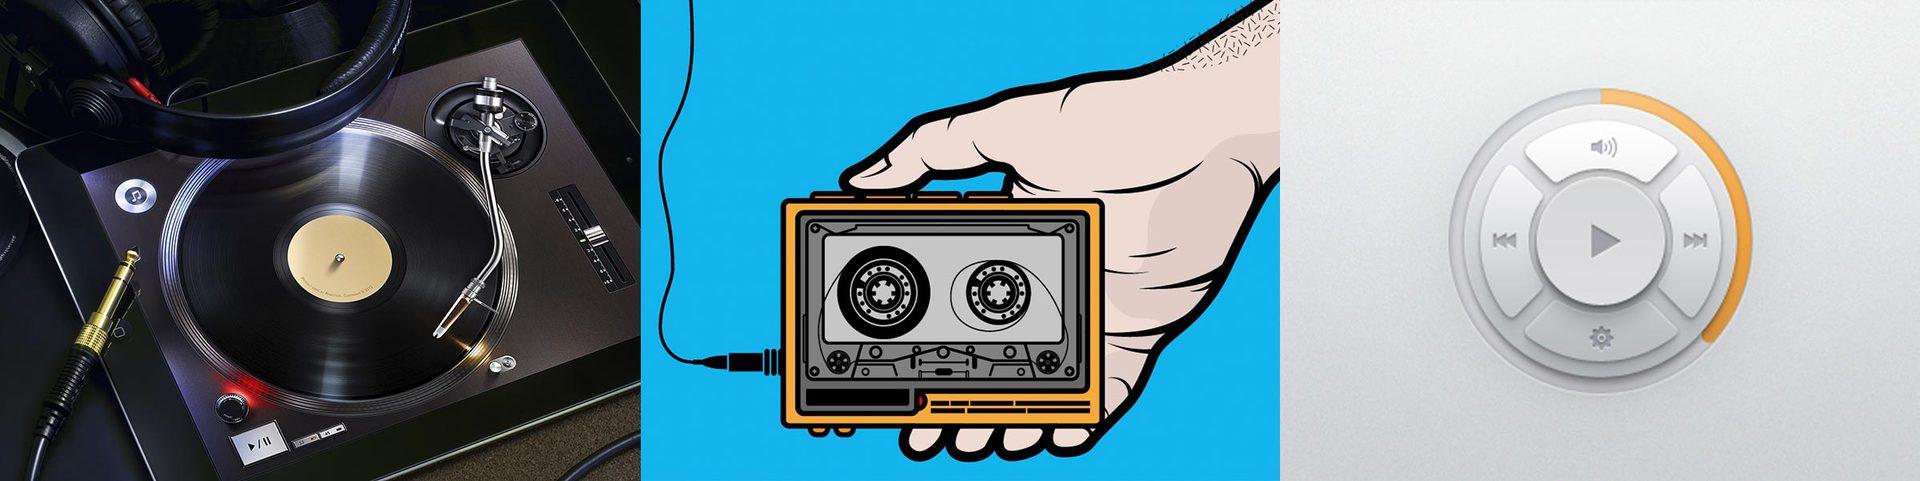 The Skip. Как кнопка «Пропустить трек» повлияла на паттерны потребления музыки